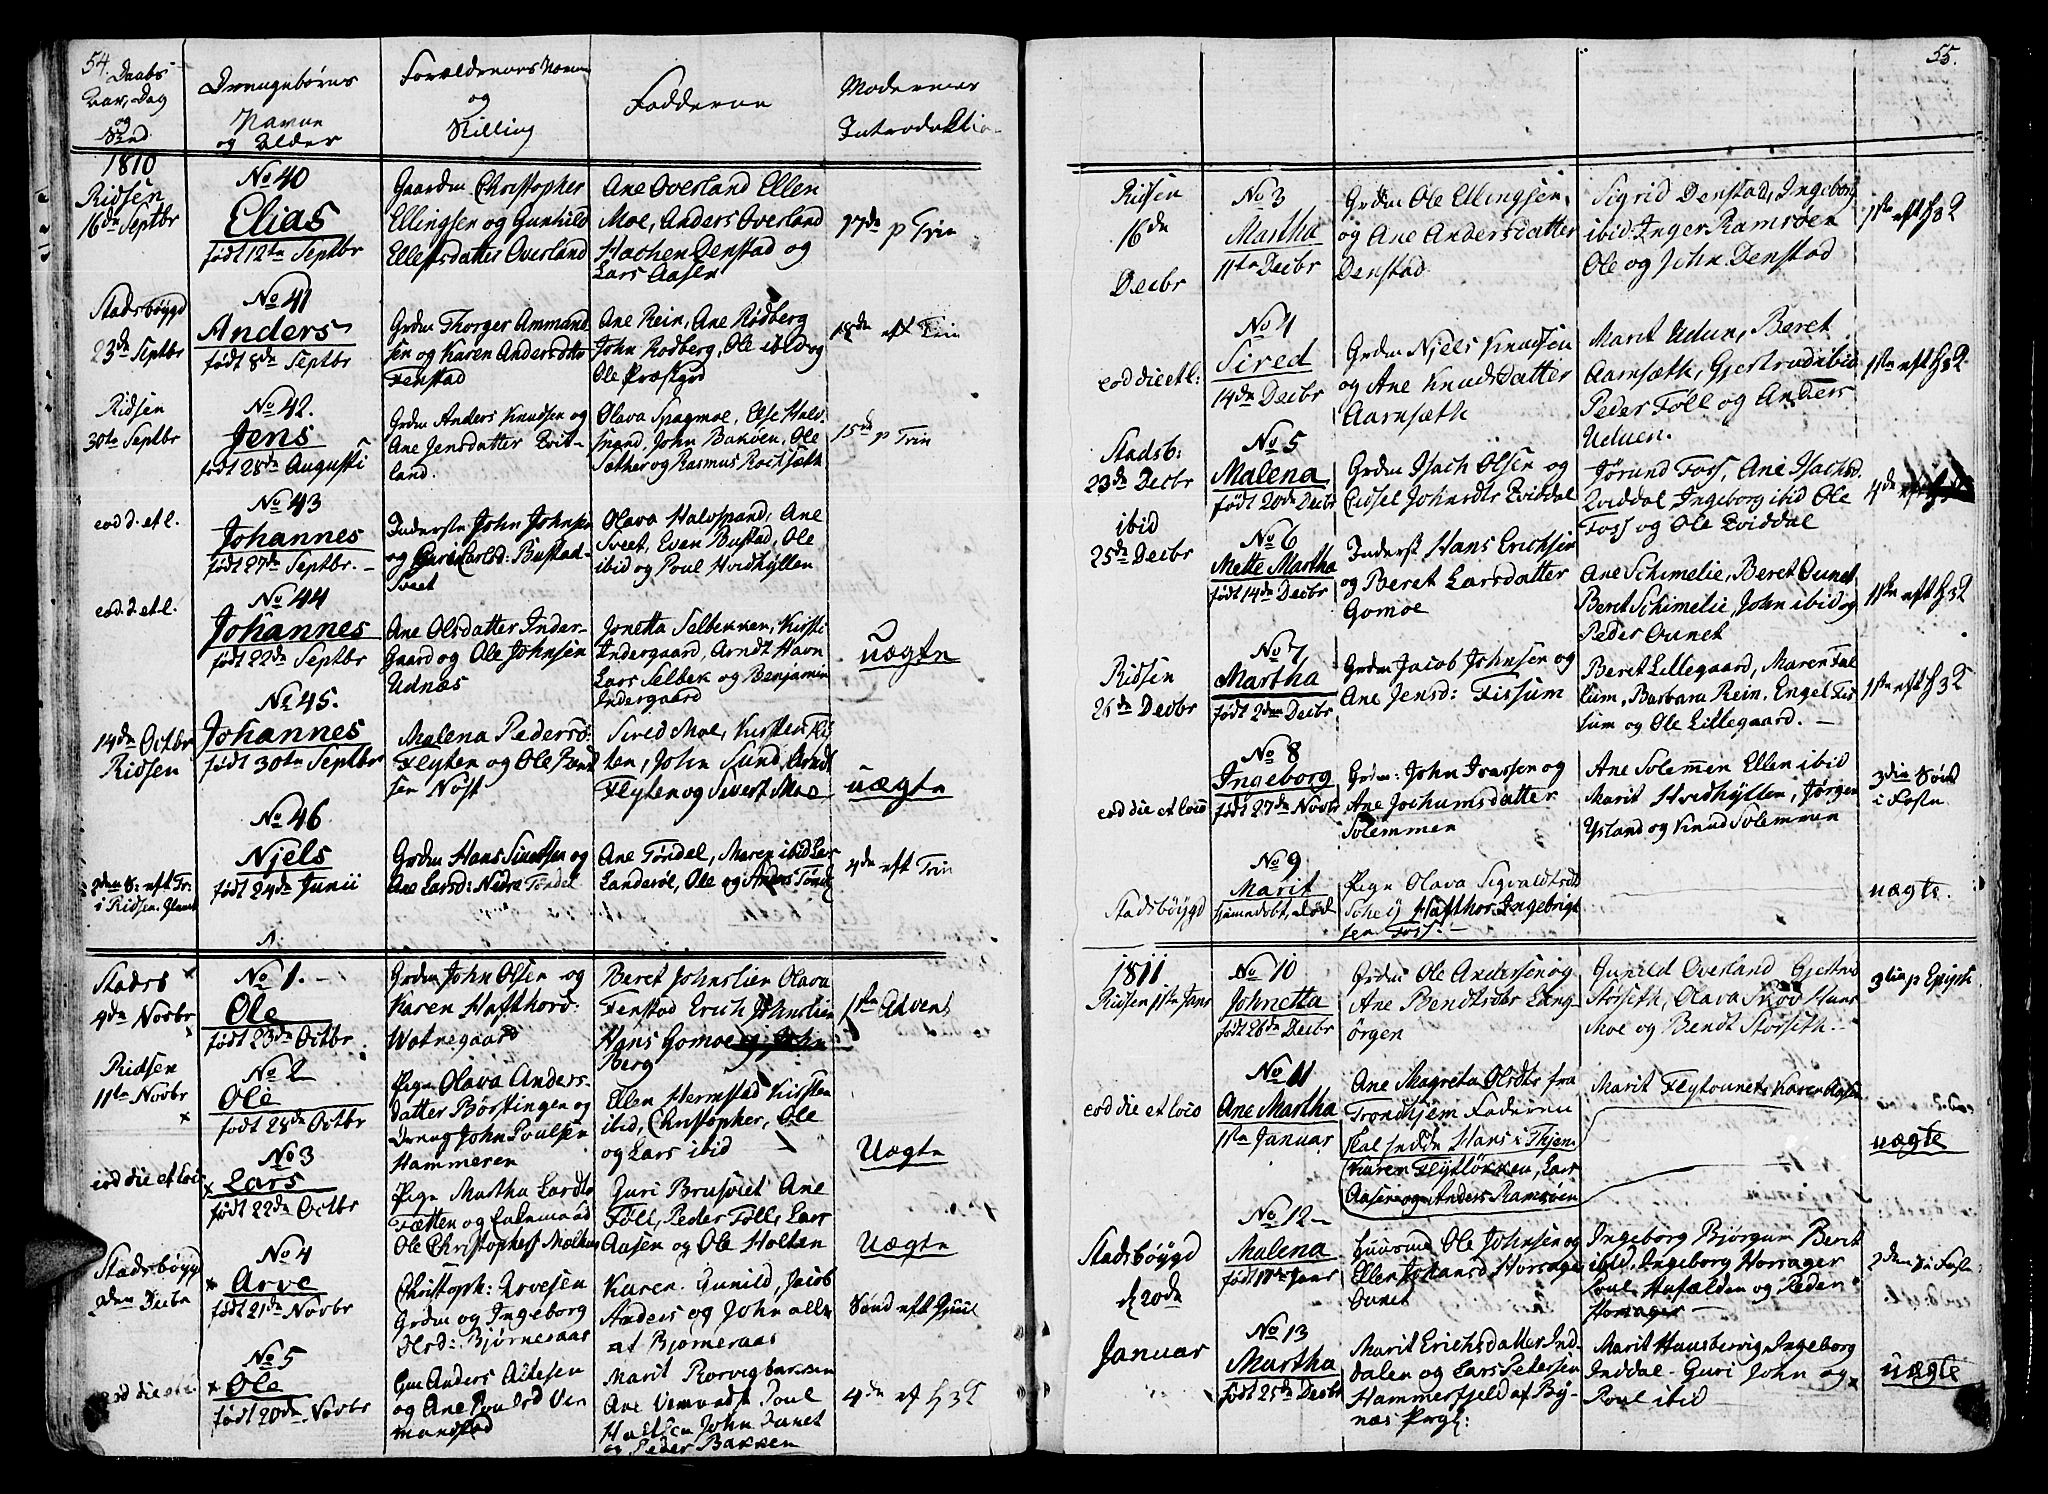 SAT, Ministerialprotokoller, klokkerbøker og fødselsregistre - Sør-Trøndelag, 646/L0607: Ministerialbok nr. 646A05, 1806-1815, s. 54-55